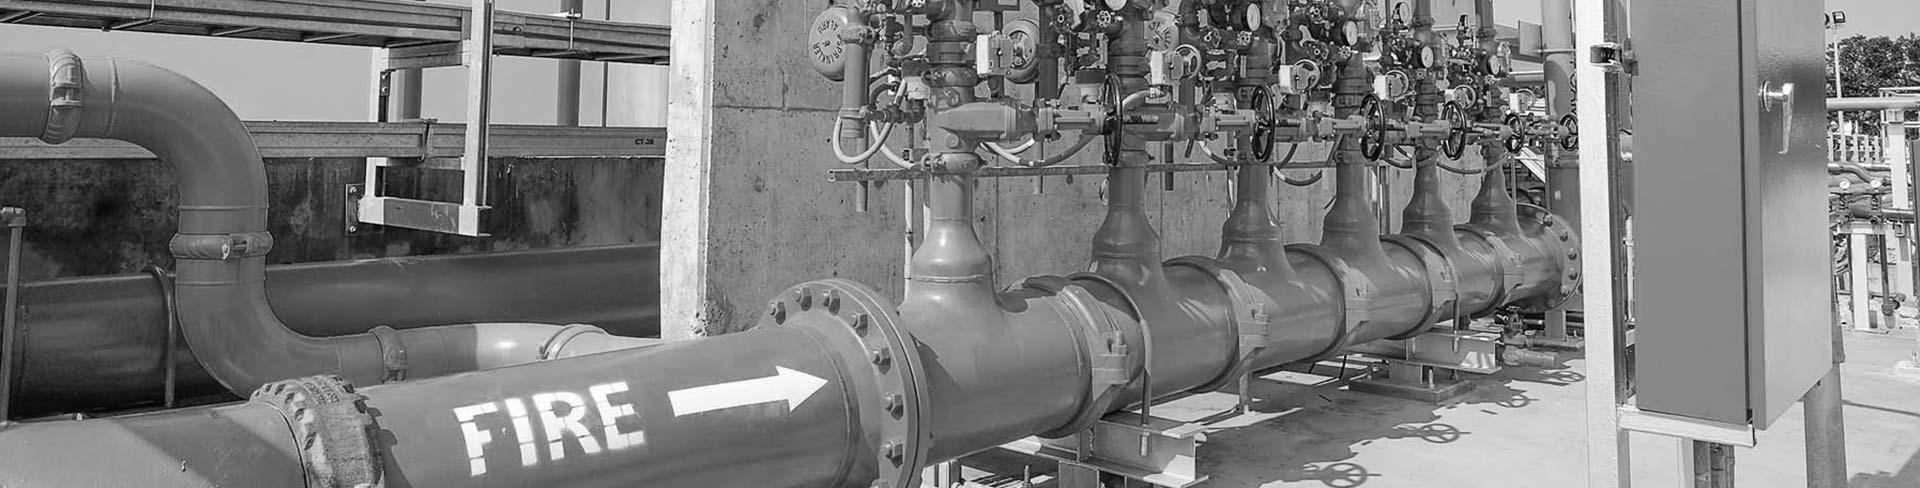 tressecostruzioni-settori-impianto-antincendi